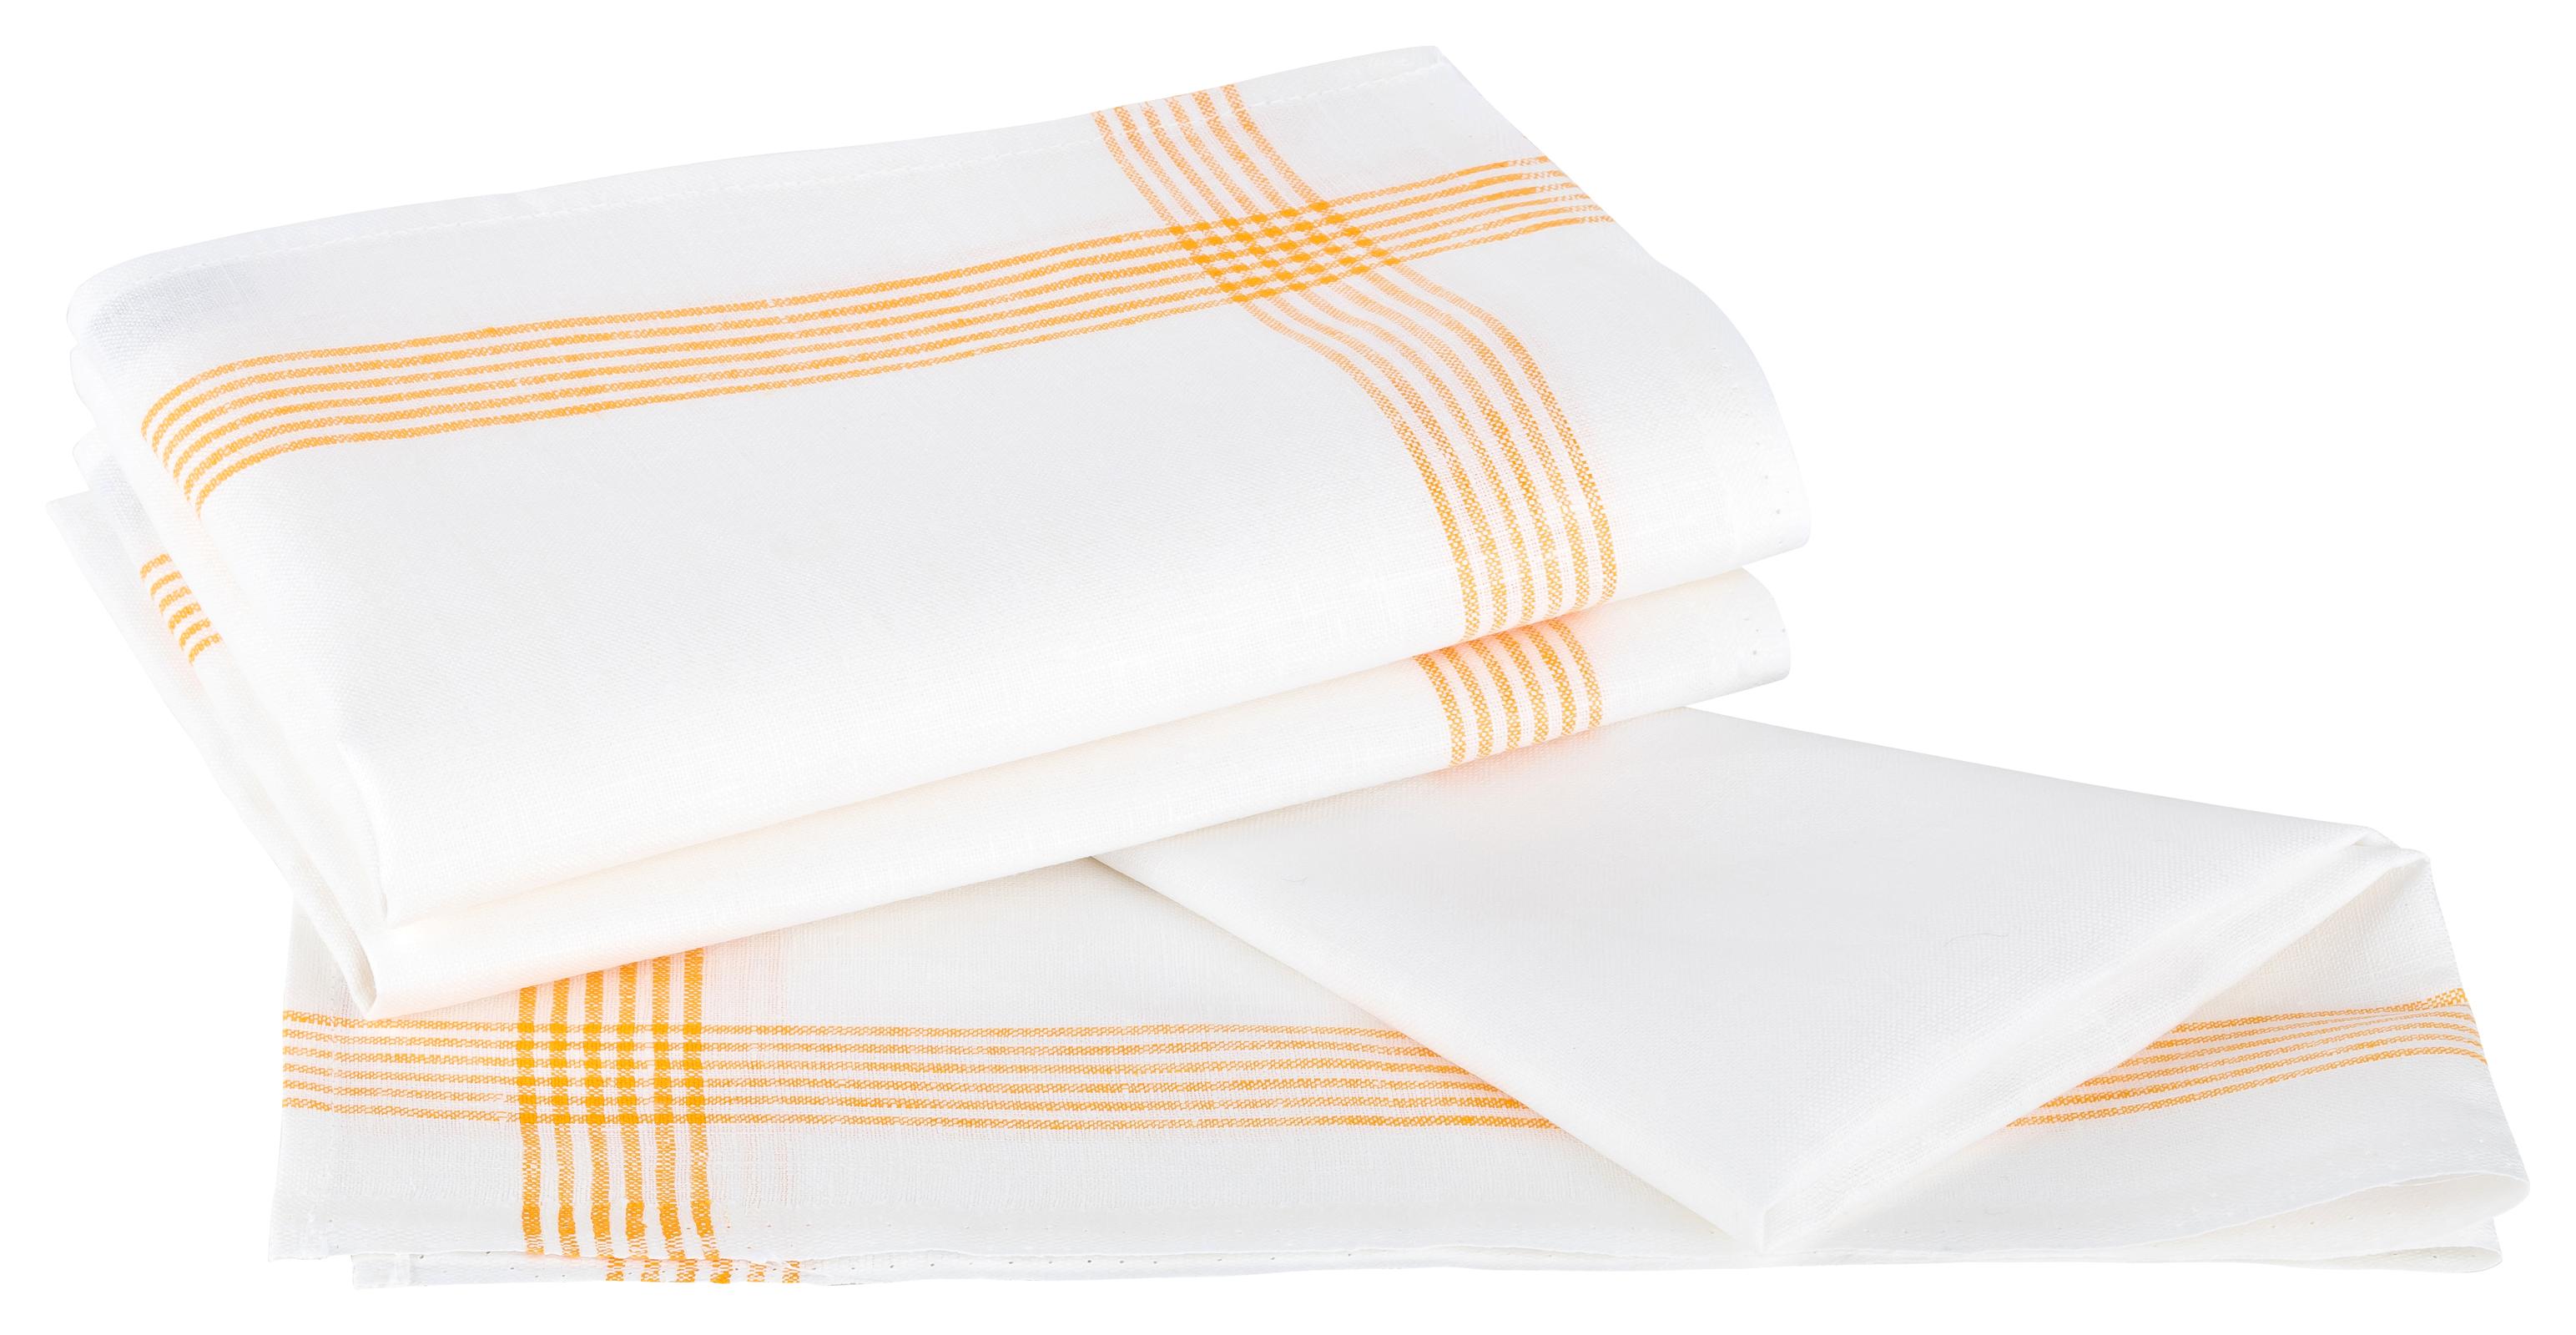 Küchentextilien - Kracht 3er Pack Geschirrtücher Gläsertücher 100 Leinen Reinleinen 50x70 Rahmen 2 263 14 weiß gelb  - Onlineshop PremiumShop321